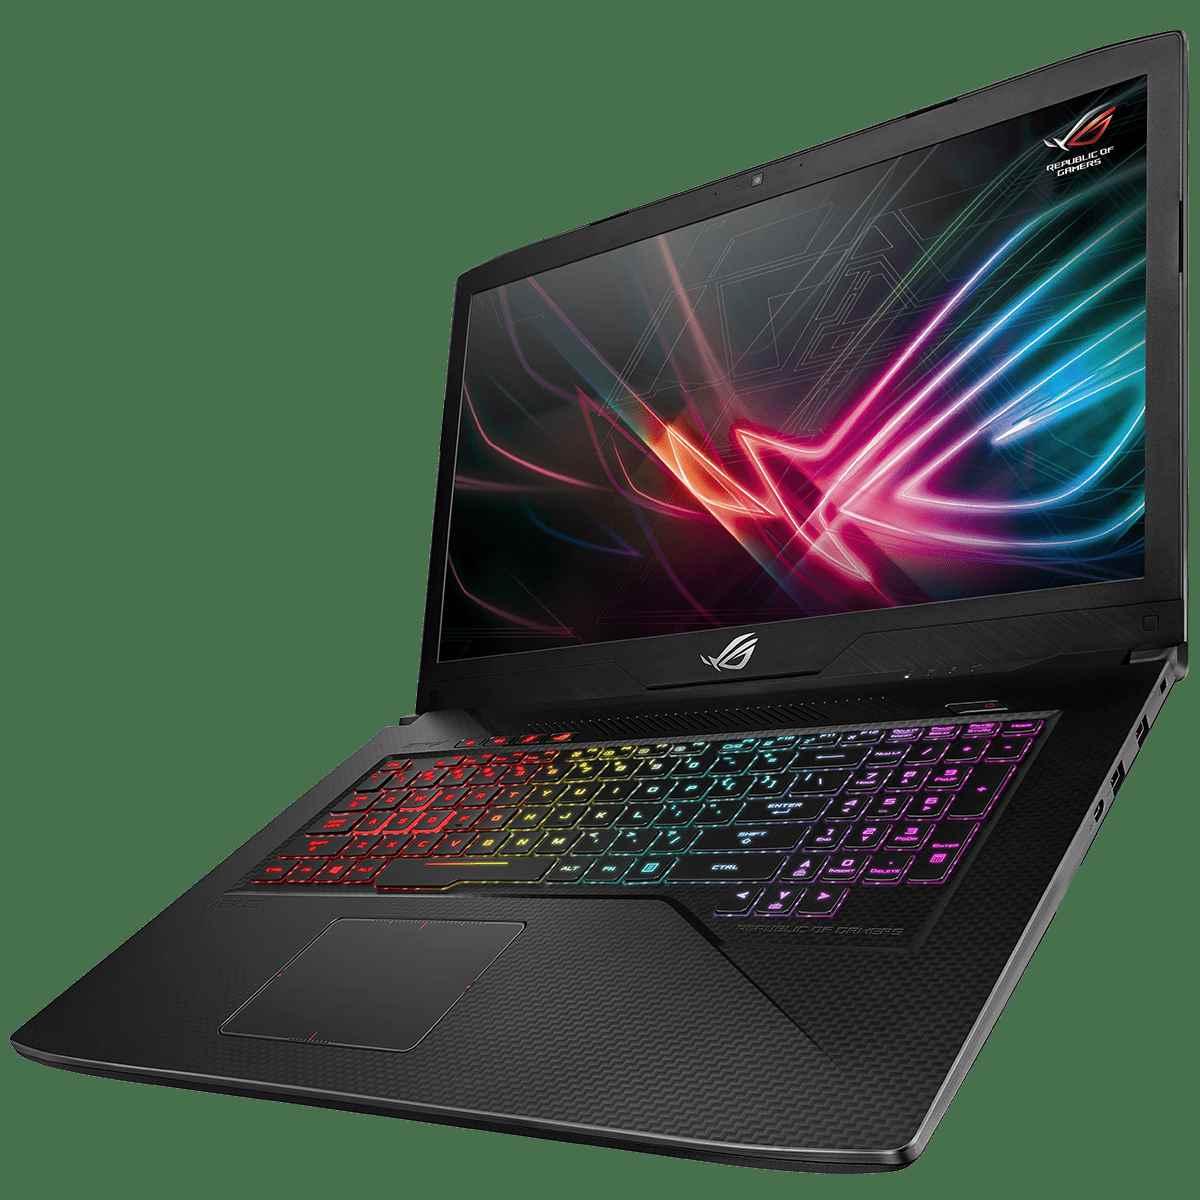 لپ تاپ استوک ایسوس مدل ASUS Gaming GL703GE با مشخصات i7-8GB-1TB-SSHD-4GB 1050ti